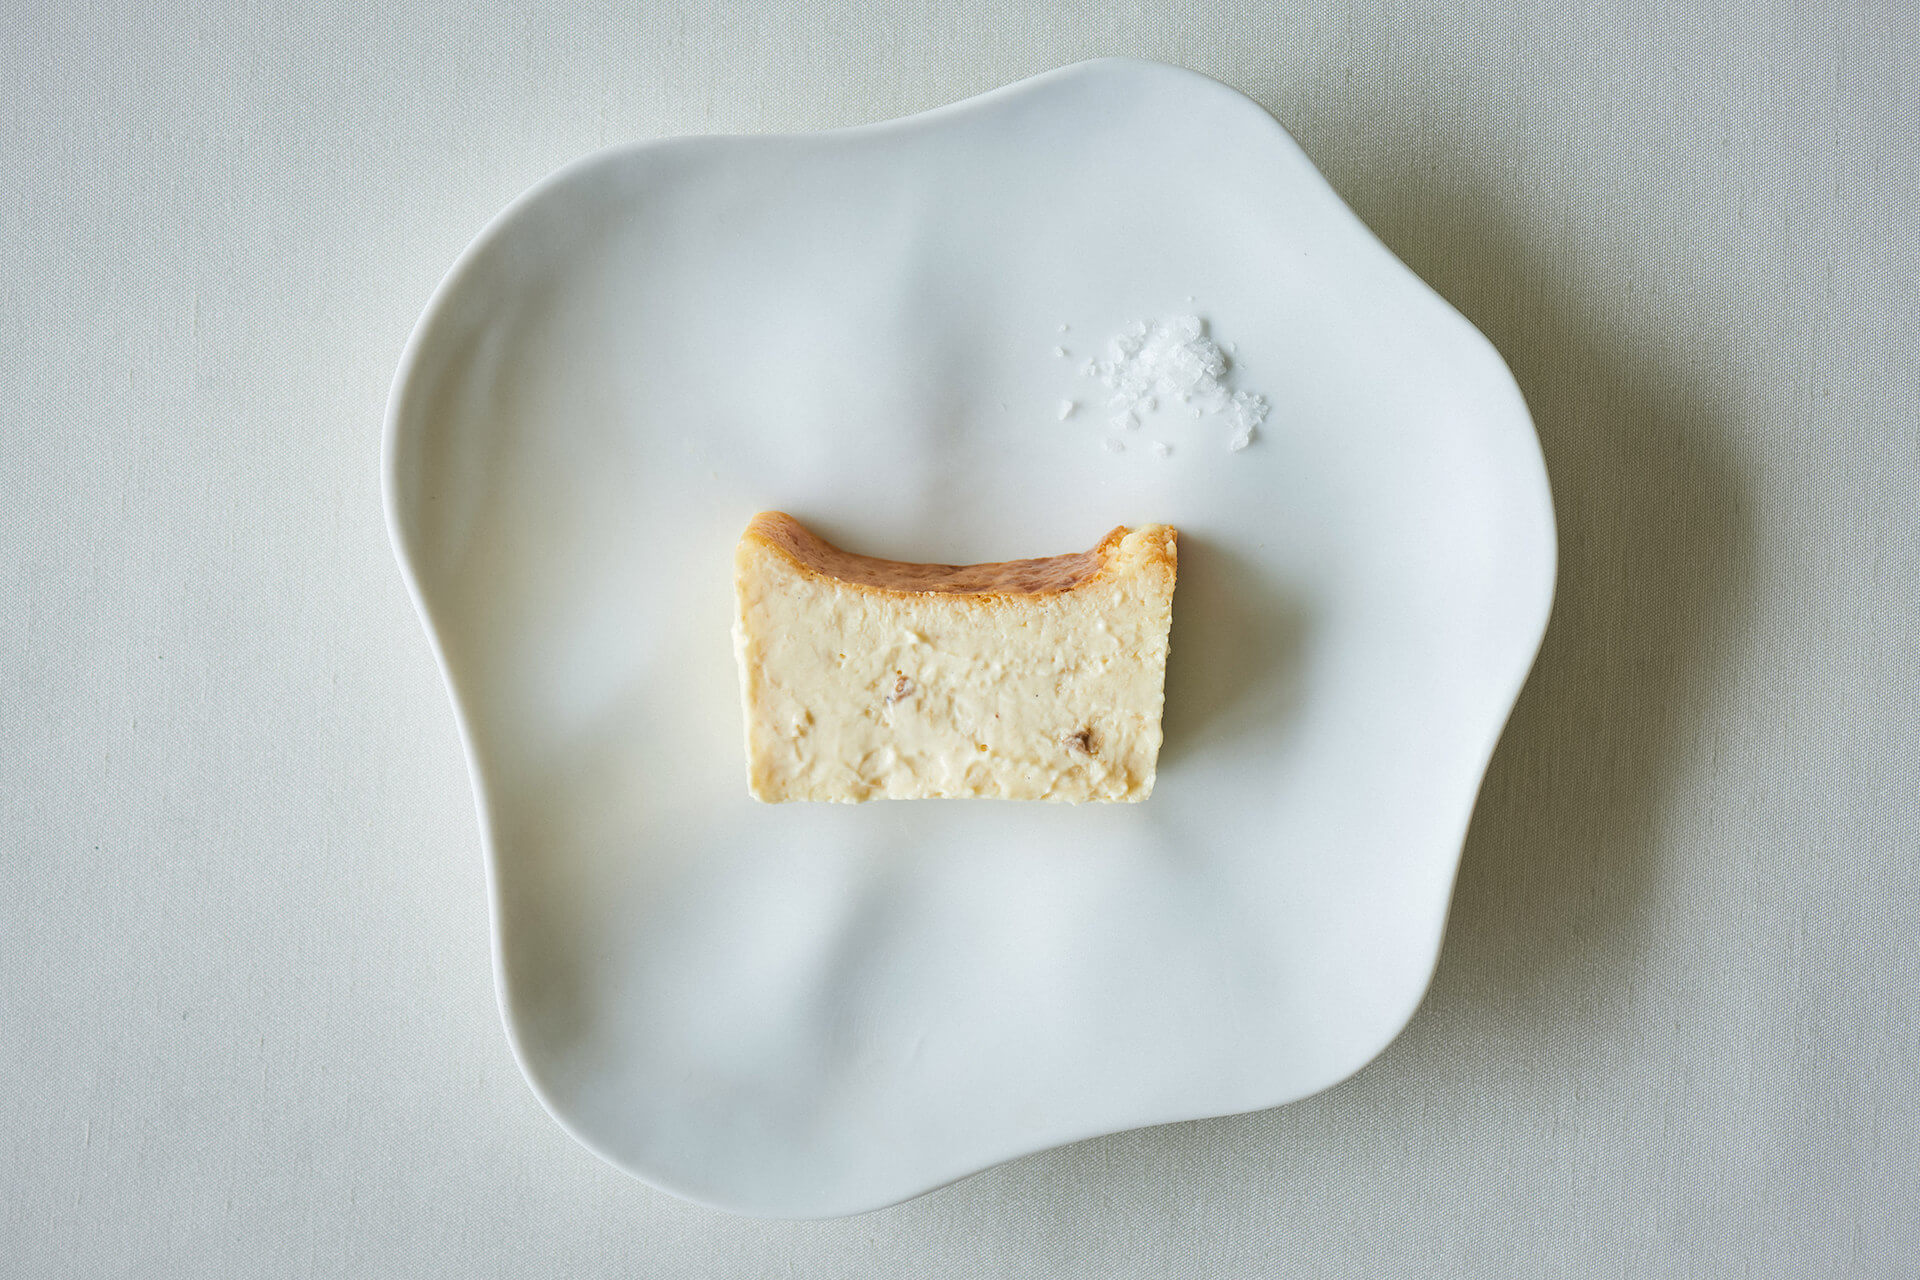 """売り切れ必至のMr. CHEESECAKE新商品が受注生産販売決定!高級食材""""白トリュフ""""を使った高価なチーズケーキ gourmet201027_mrcheesecake_3"""